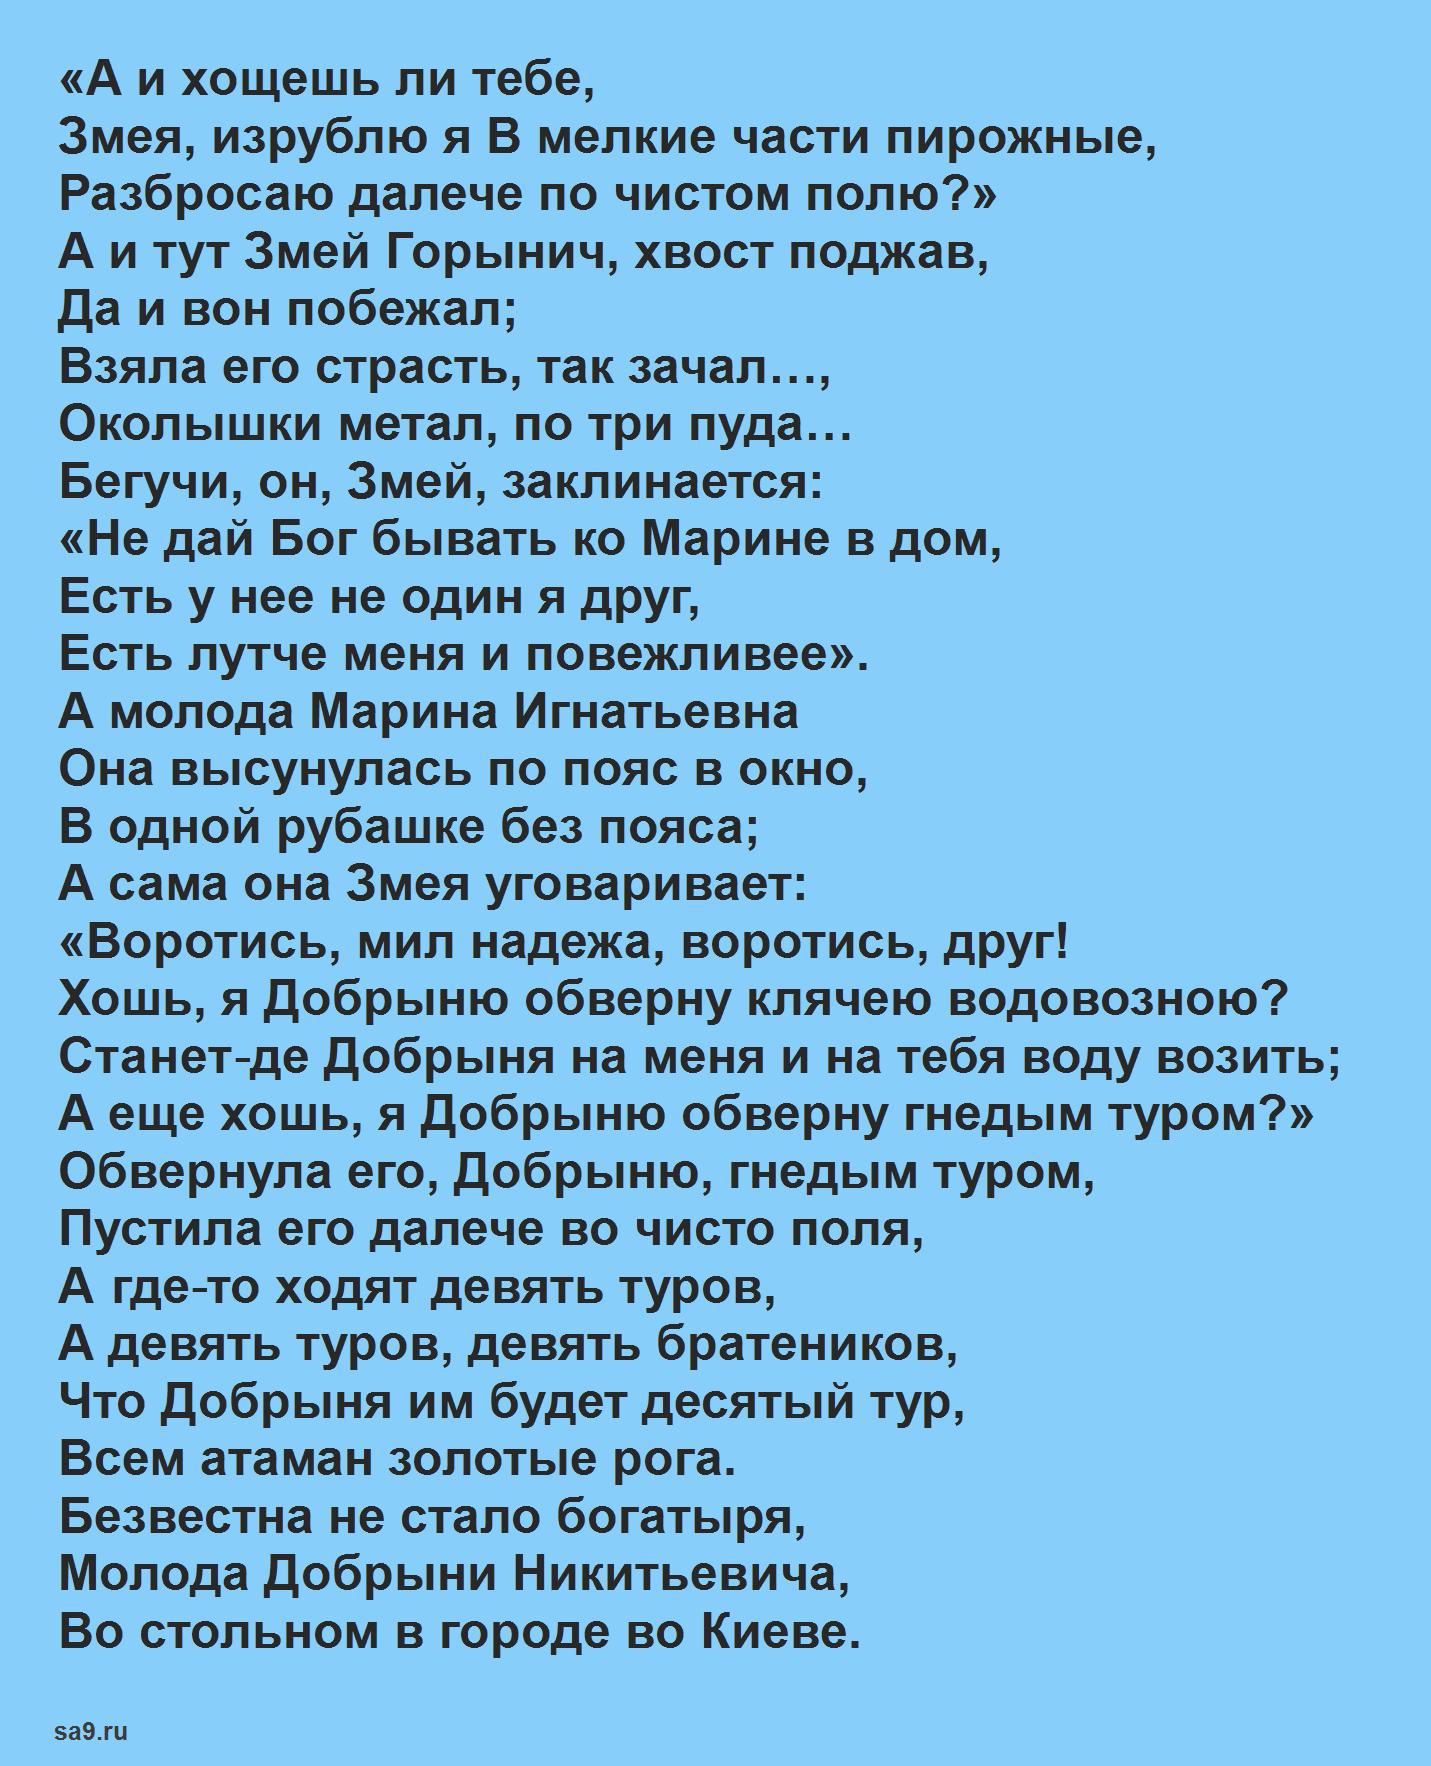 Читаем русскую народную былину - Добрыня и Маринка